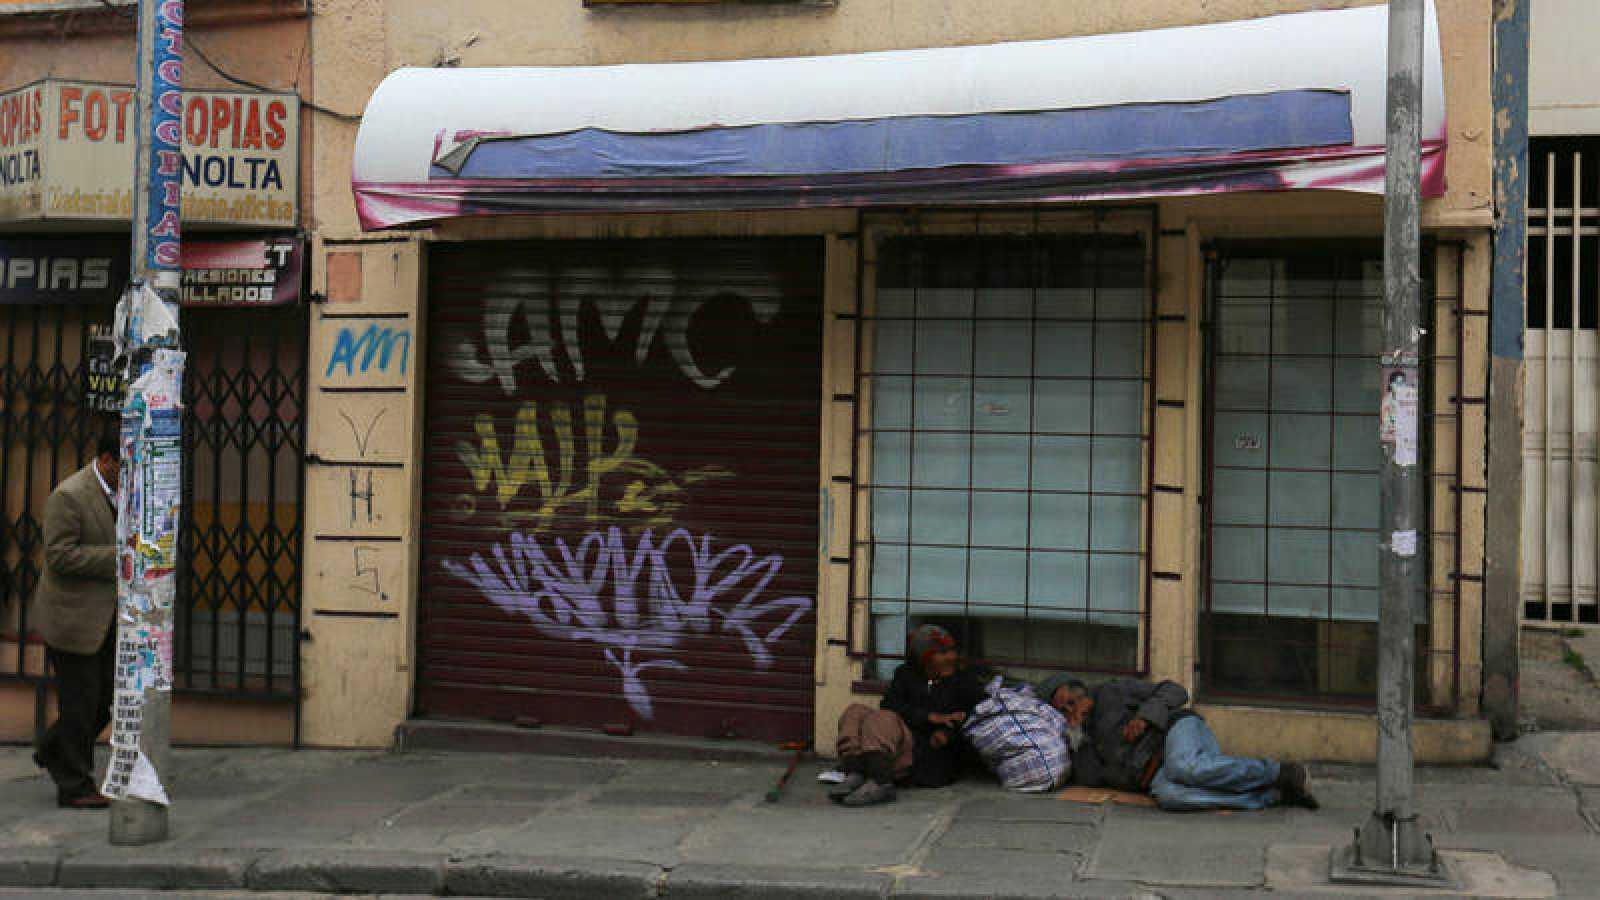 Dos personas duermen en la acera, frente a comercios cerrados en La Paz, Bolivia